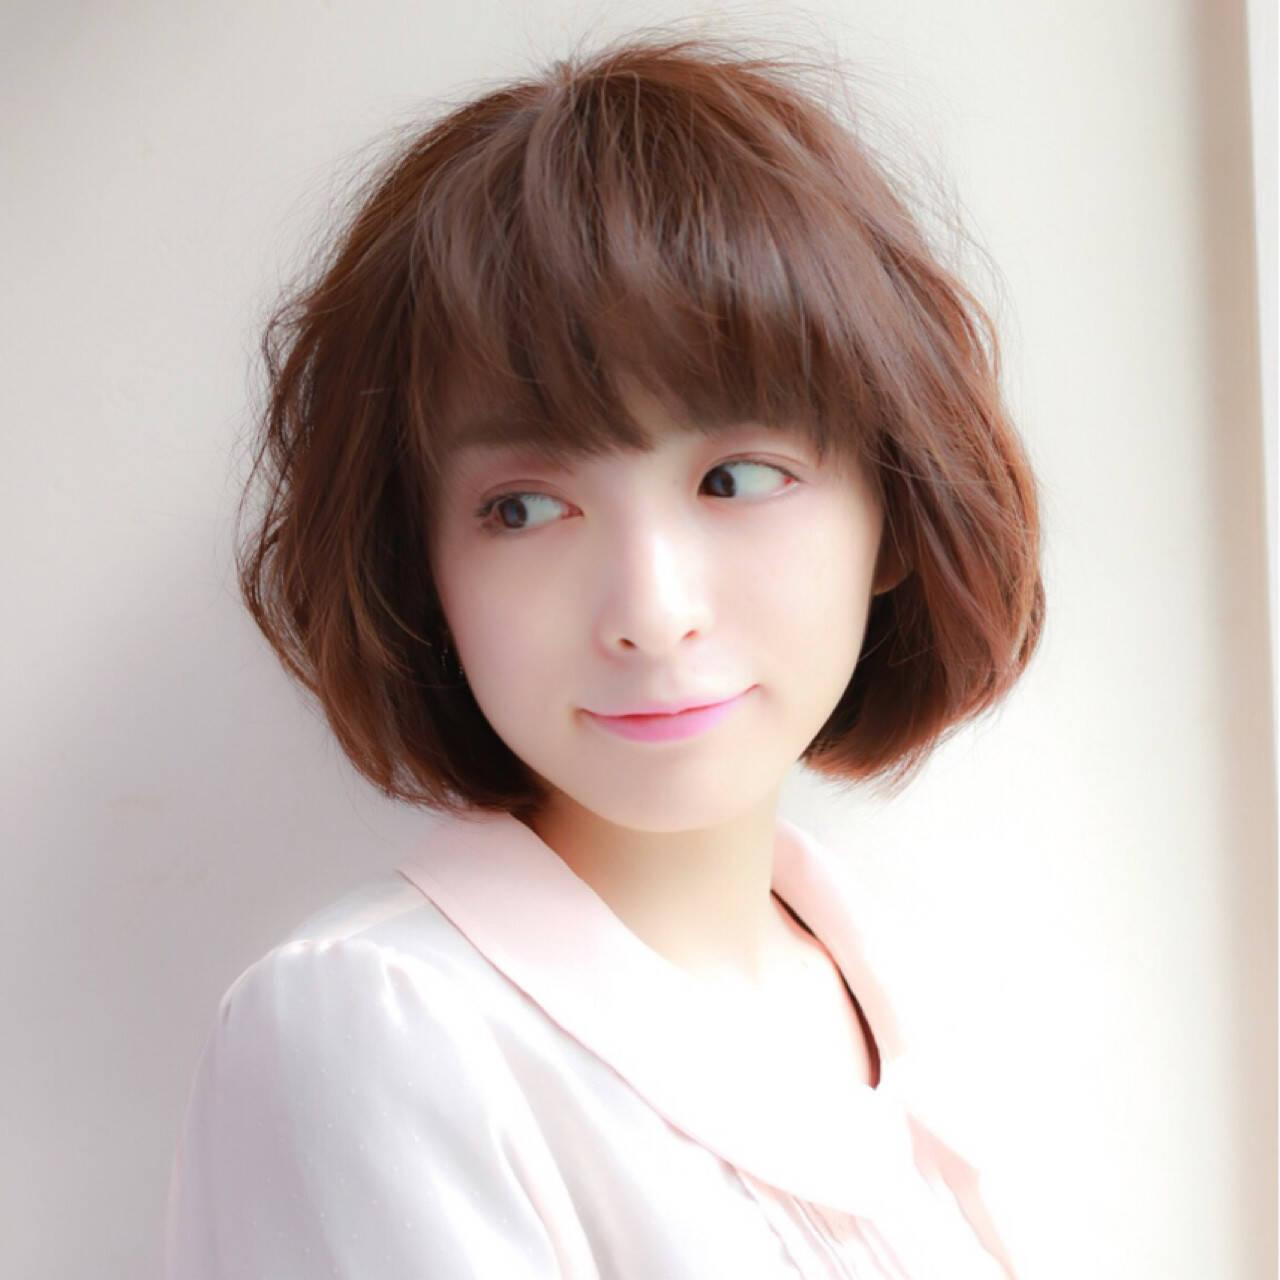 ボブ 大人女子 大人かわいい かわいいヘアスタイルや髪型の写真・画像